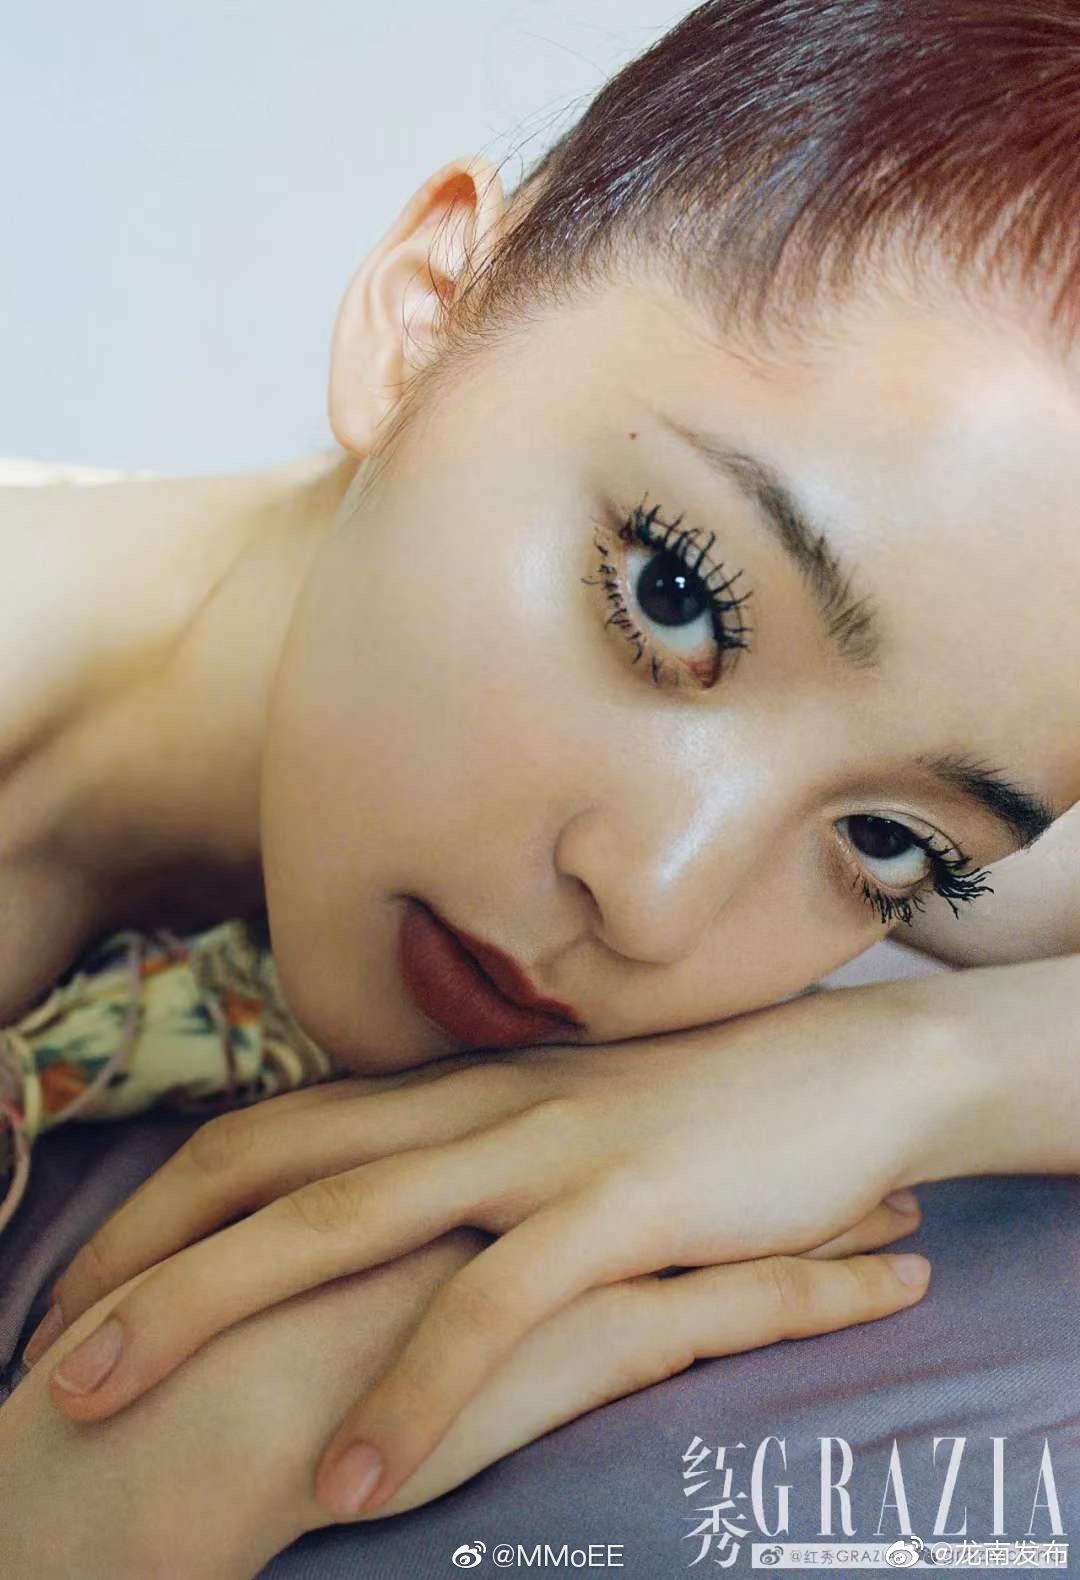 欧阳娜娜《红秀Grazia》第429期封面大片,复古柳叶眉、苍蝇腿睫毛